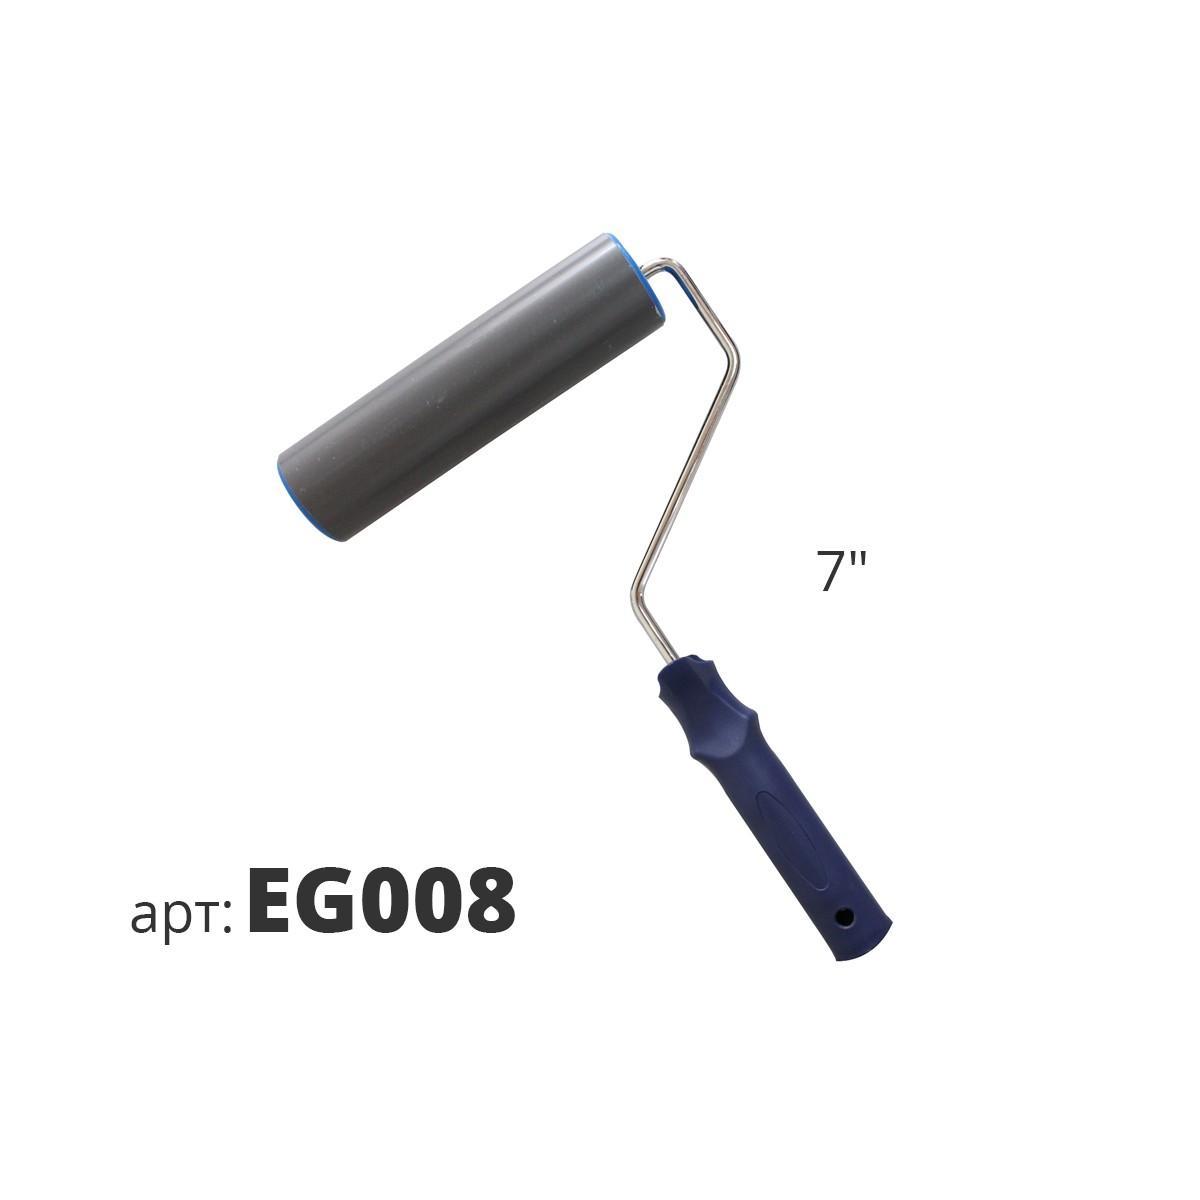 Гладкий прижимной валик EG008